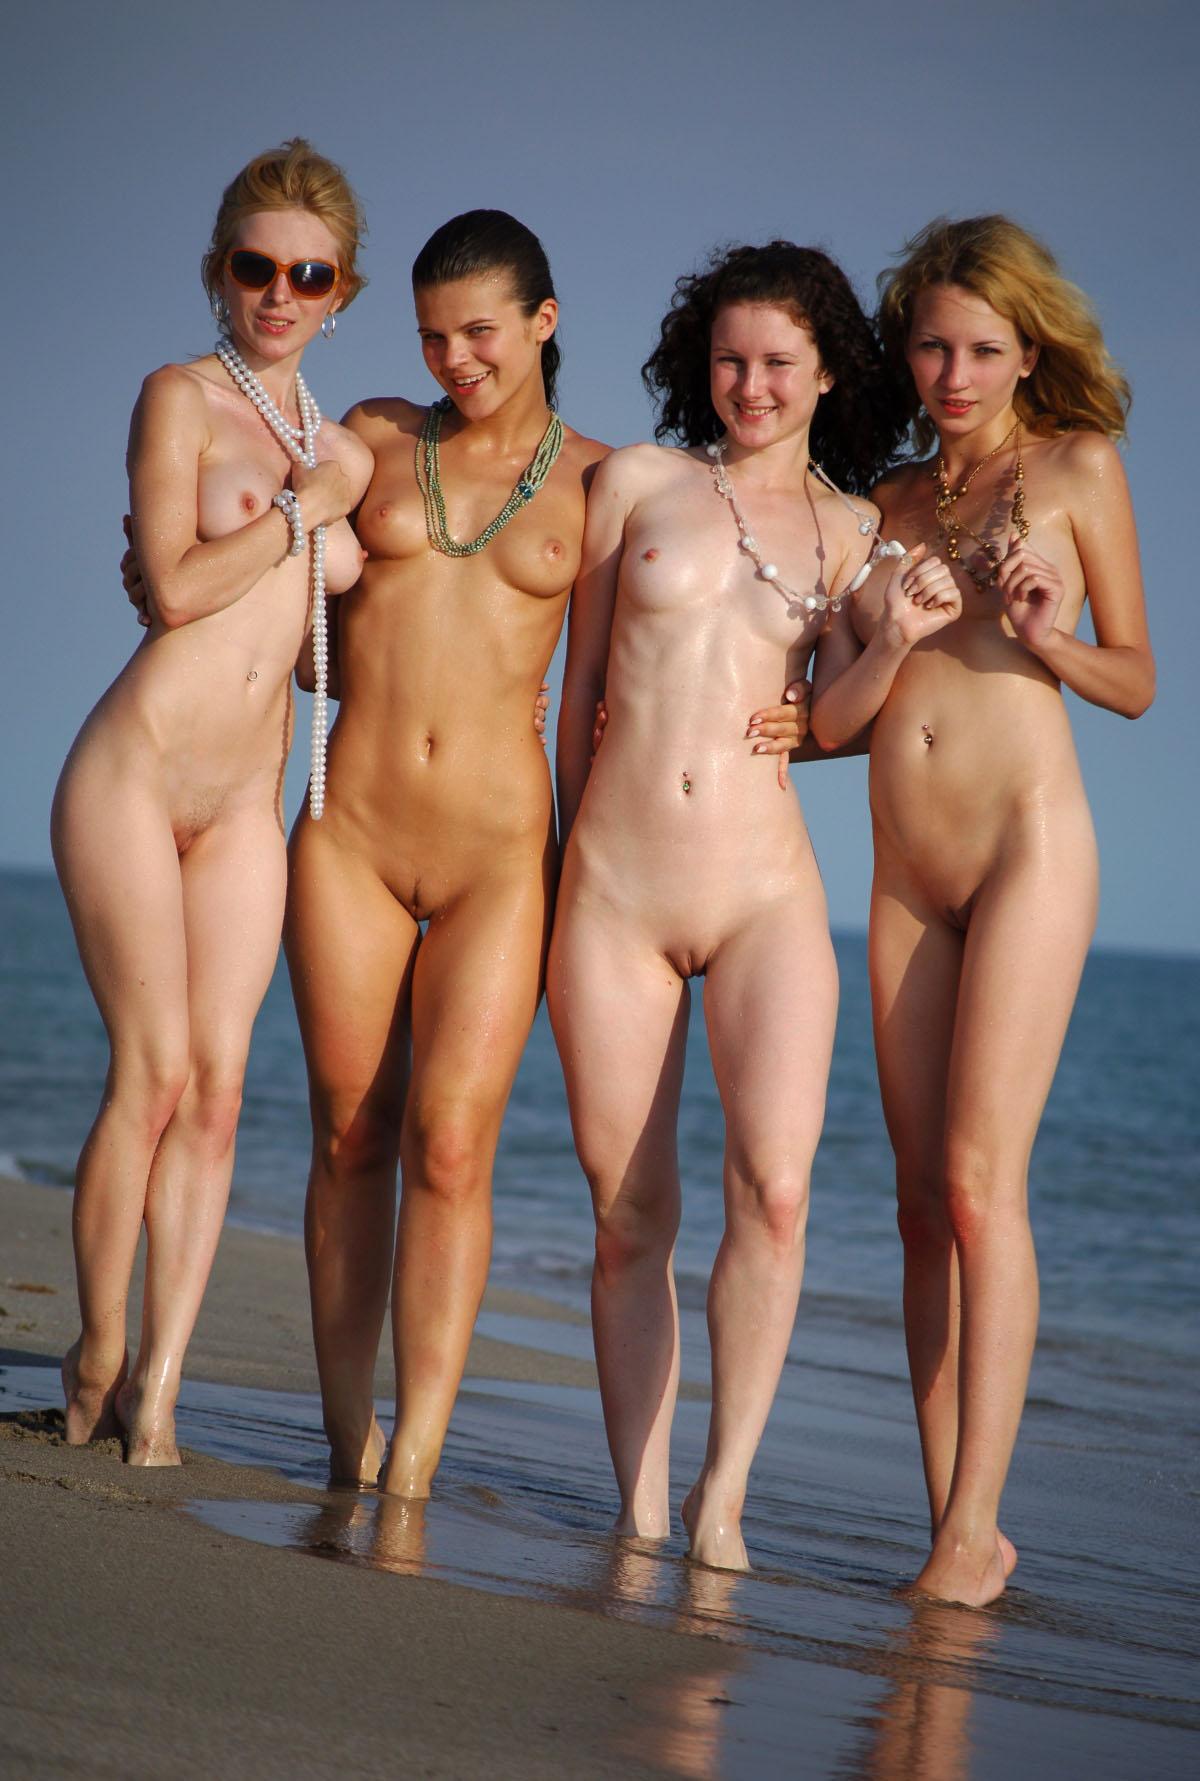 Развратные фото девушек на море 17 фотография